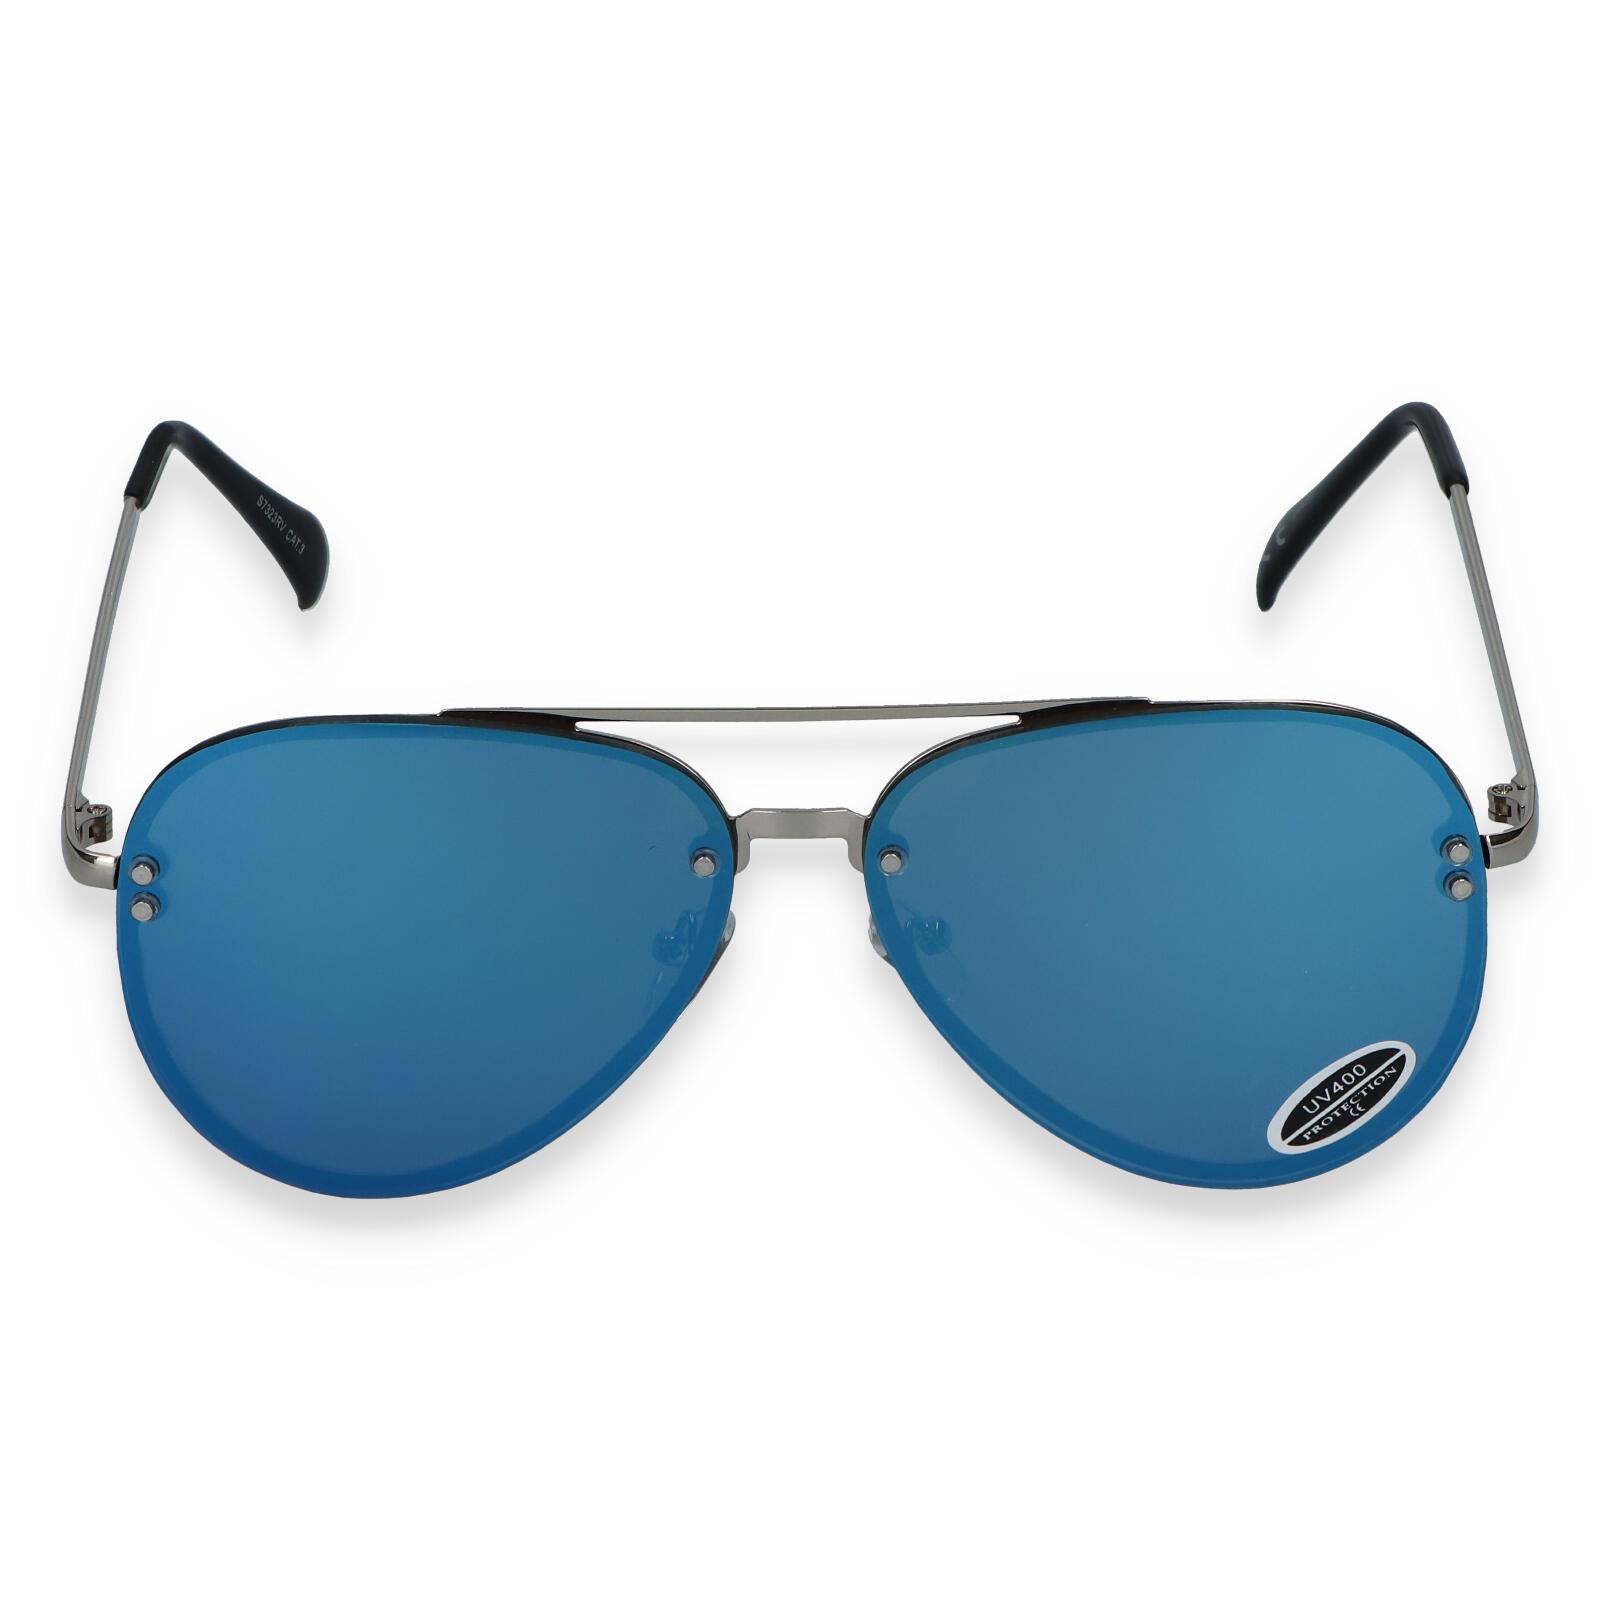 Dámske slnečné okuliare modré - S3237